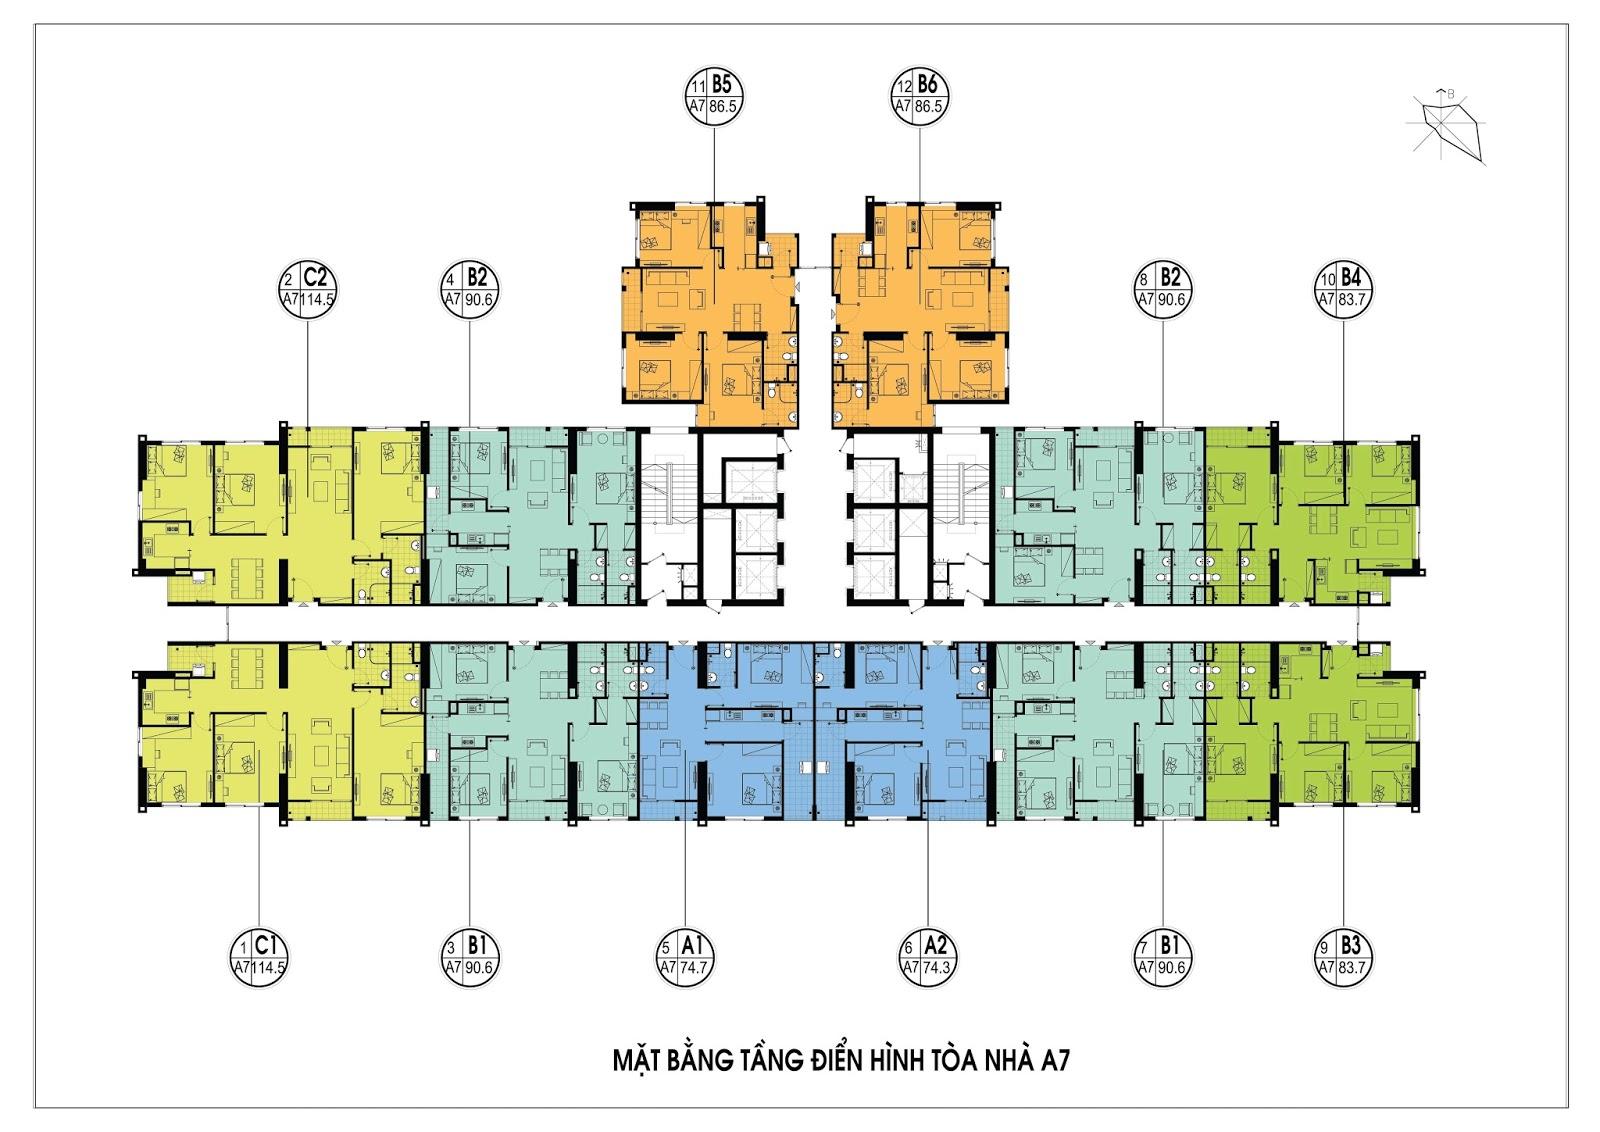 Thiết kế mặt bằng điển hình tòa A7 - An Bình City